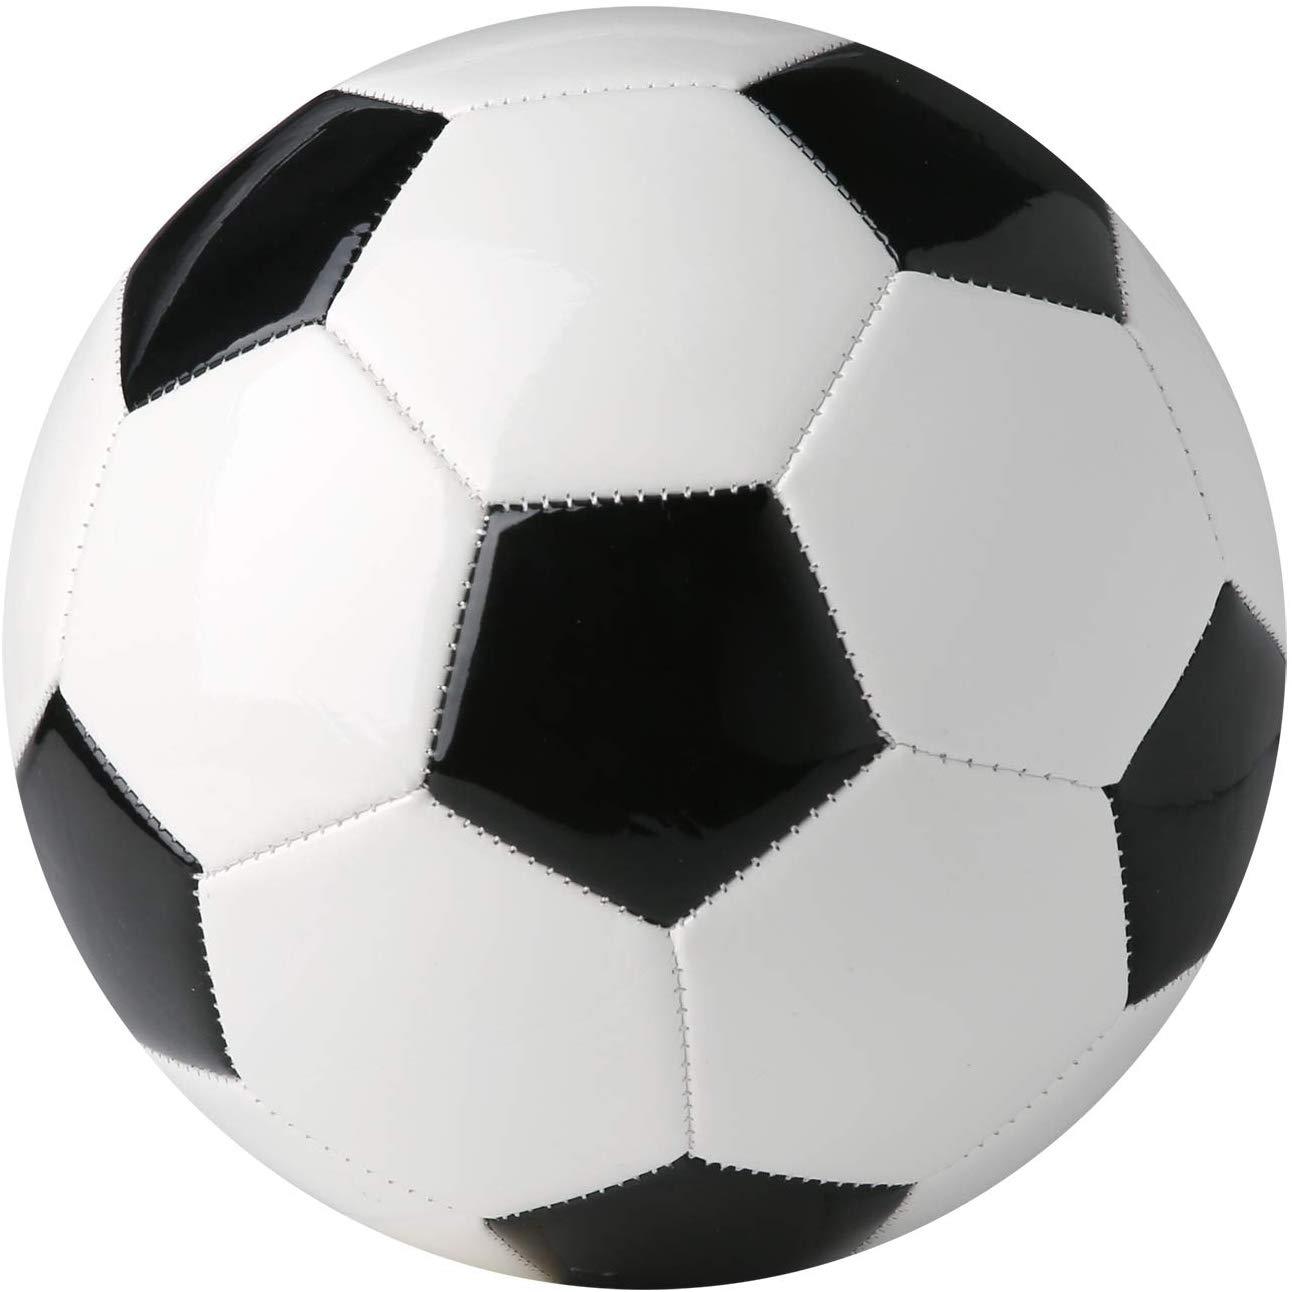 Soccer bo